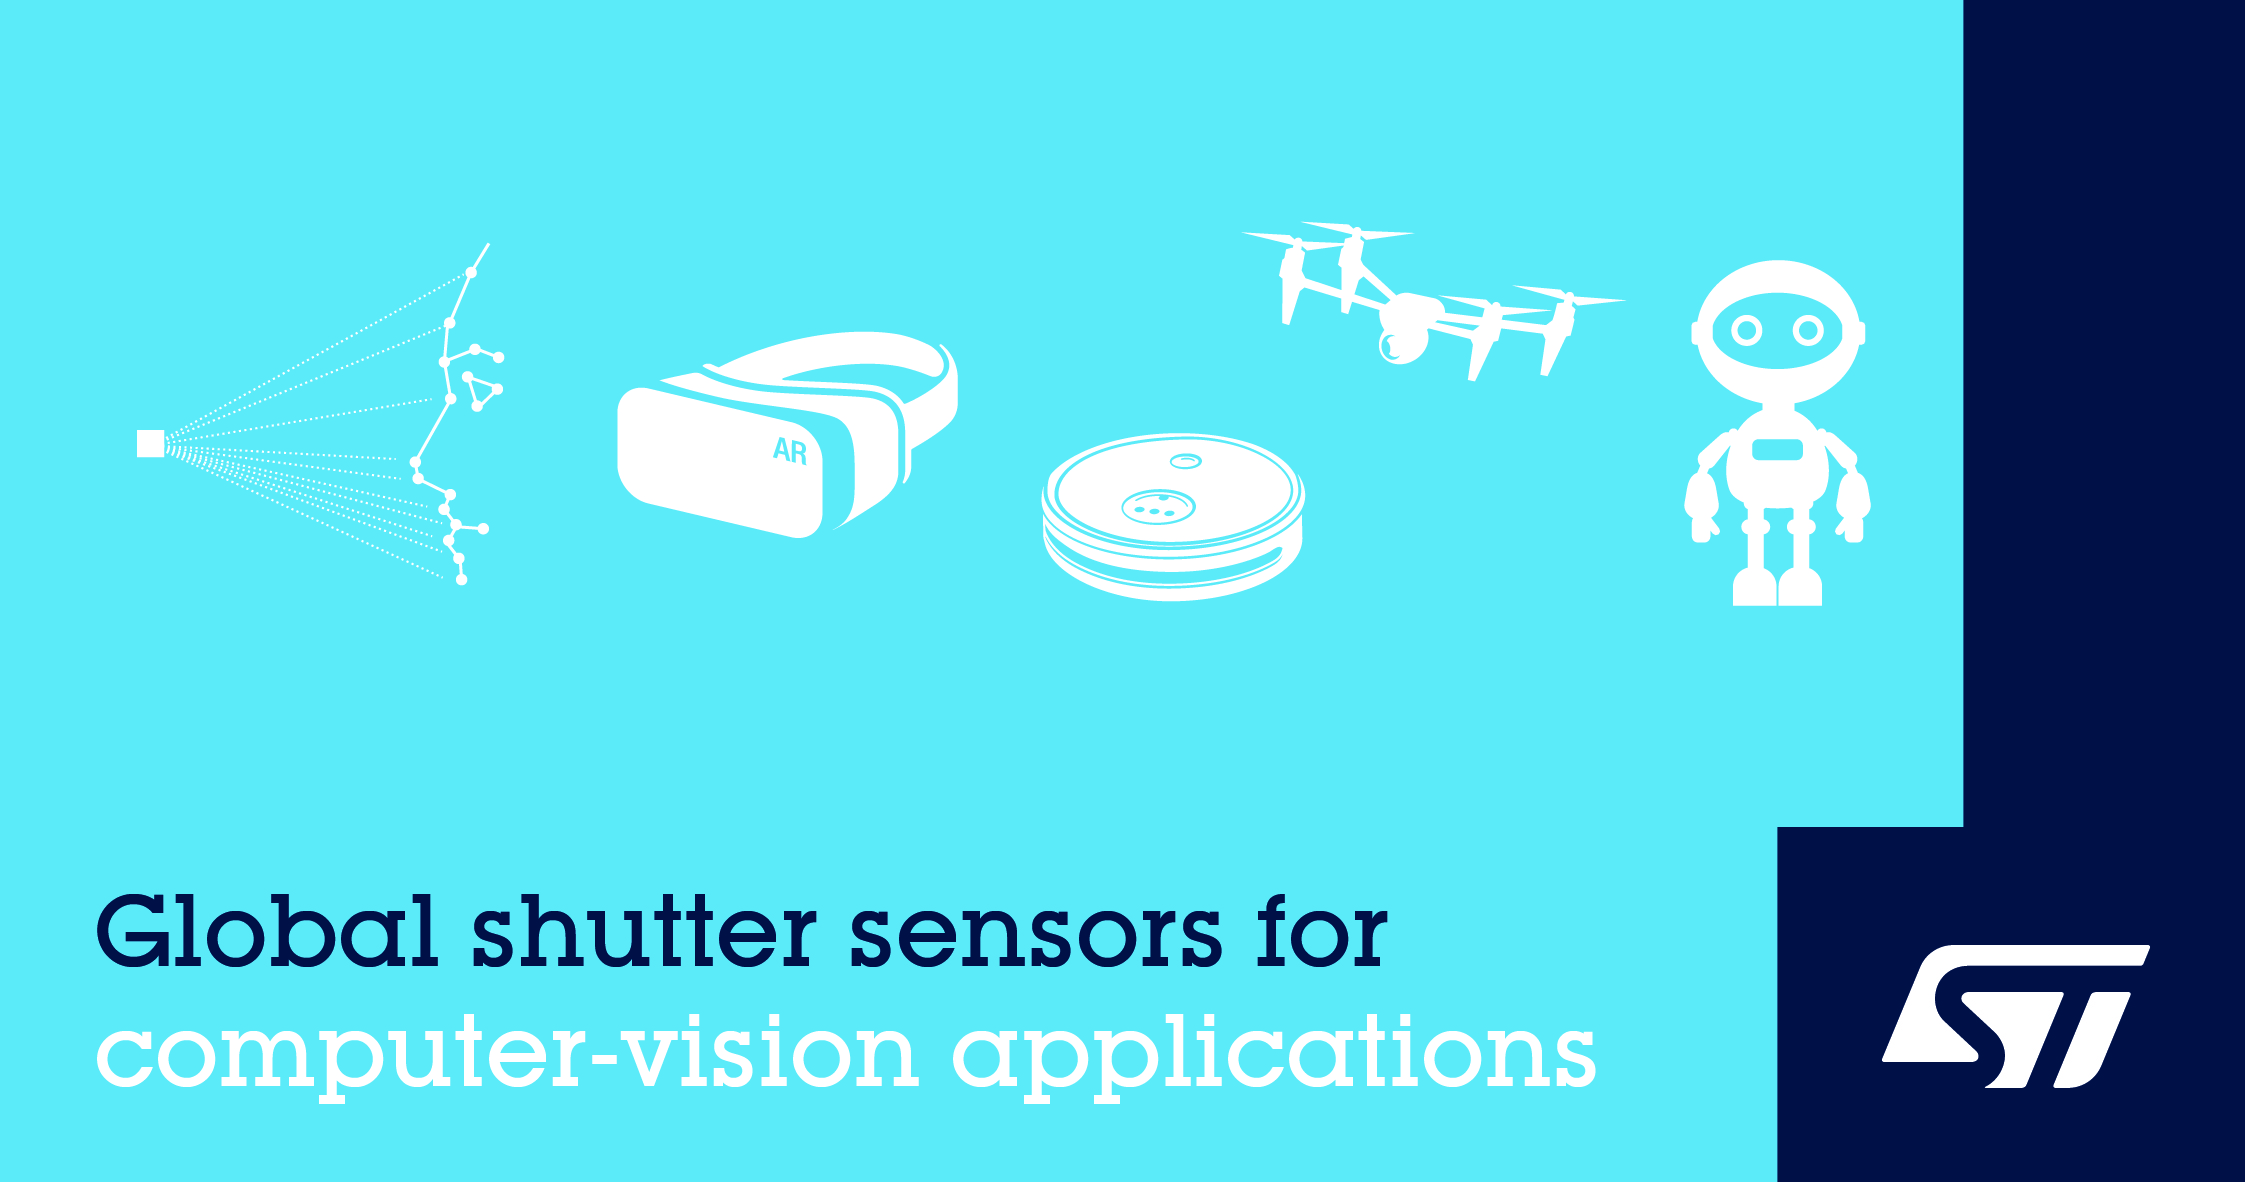 意法半导体推出高性能全局快门图像传感器,推动下一代计算机视觉应用发展